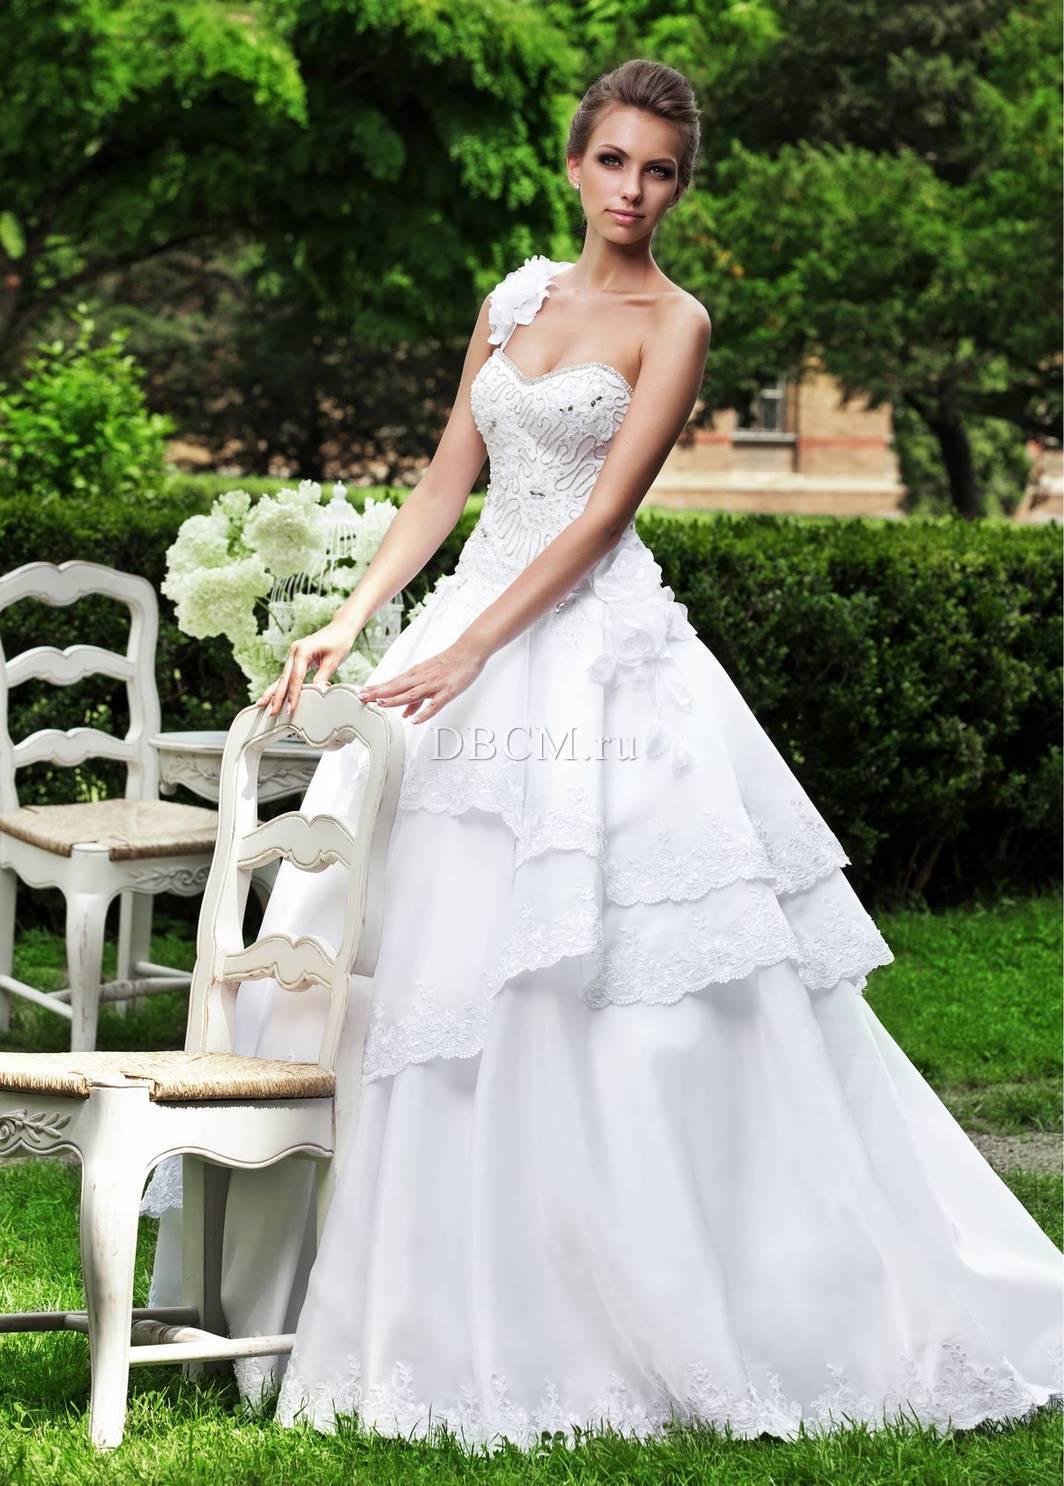 Свадебные Платья 2017 Каталог Фото